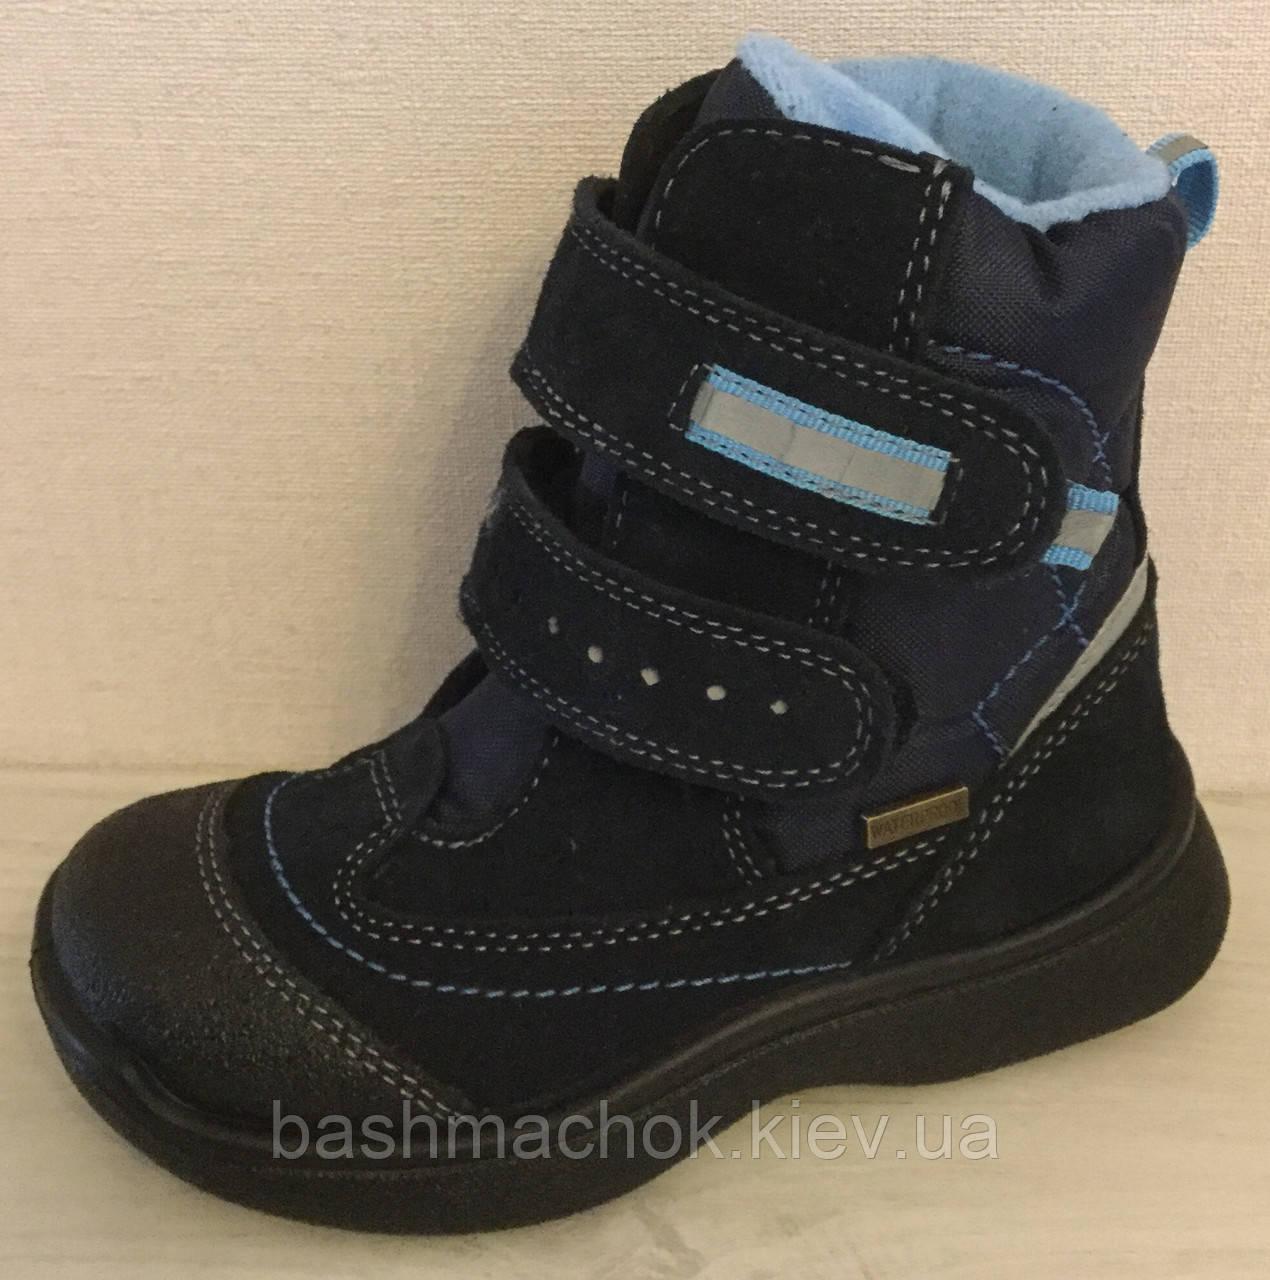 90bef6df5 Мембранные зимние ботинки Тигина для мальчиков размеры 29,32 ...